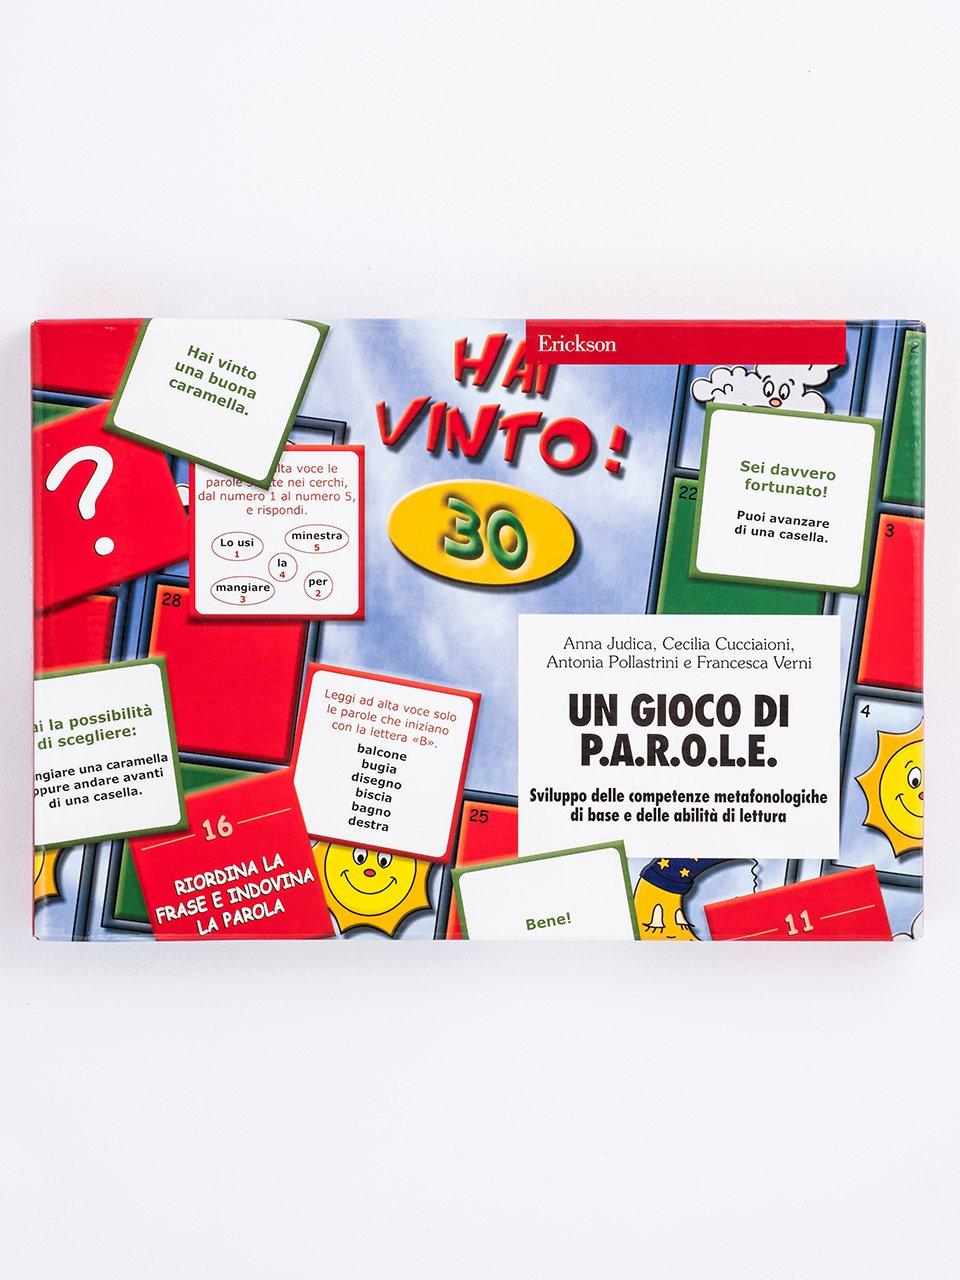 Un gioco di P.A.R.O.L.E. - Test TVL - Valutazione del linguaggio - Libri - Strumenti - Erickson